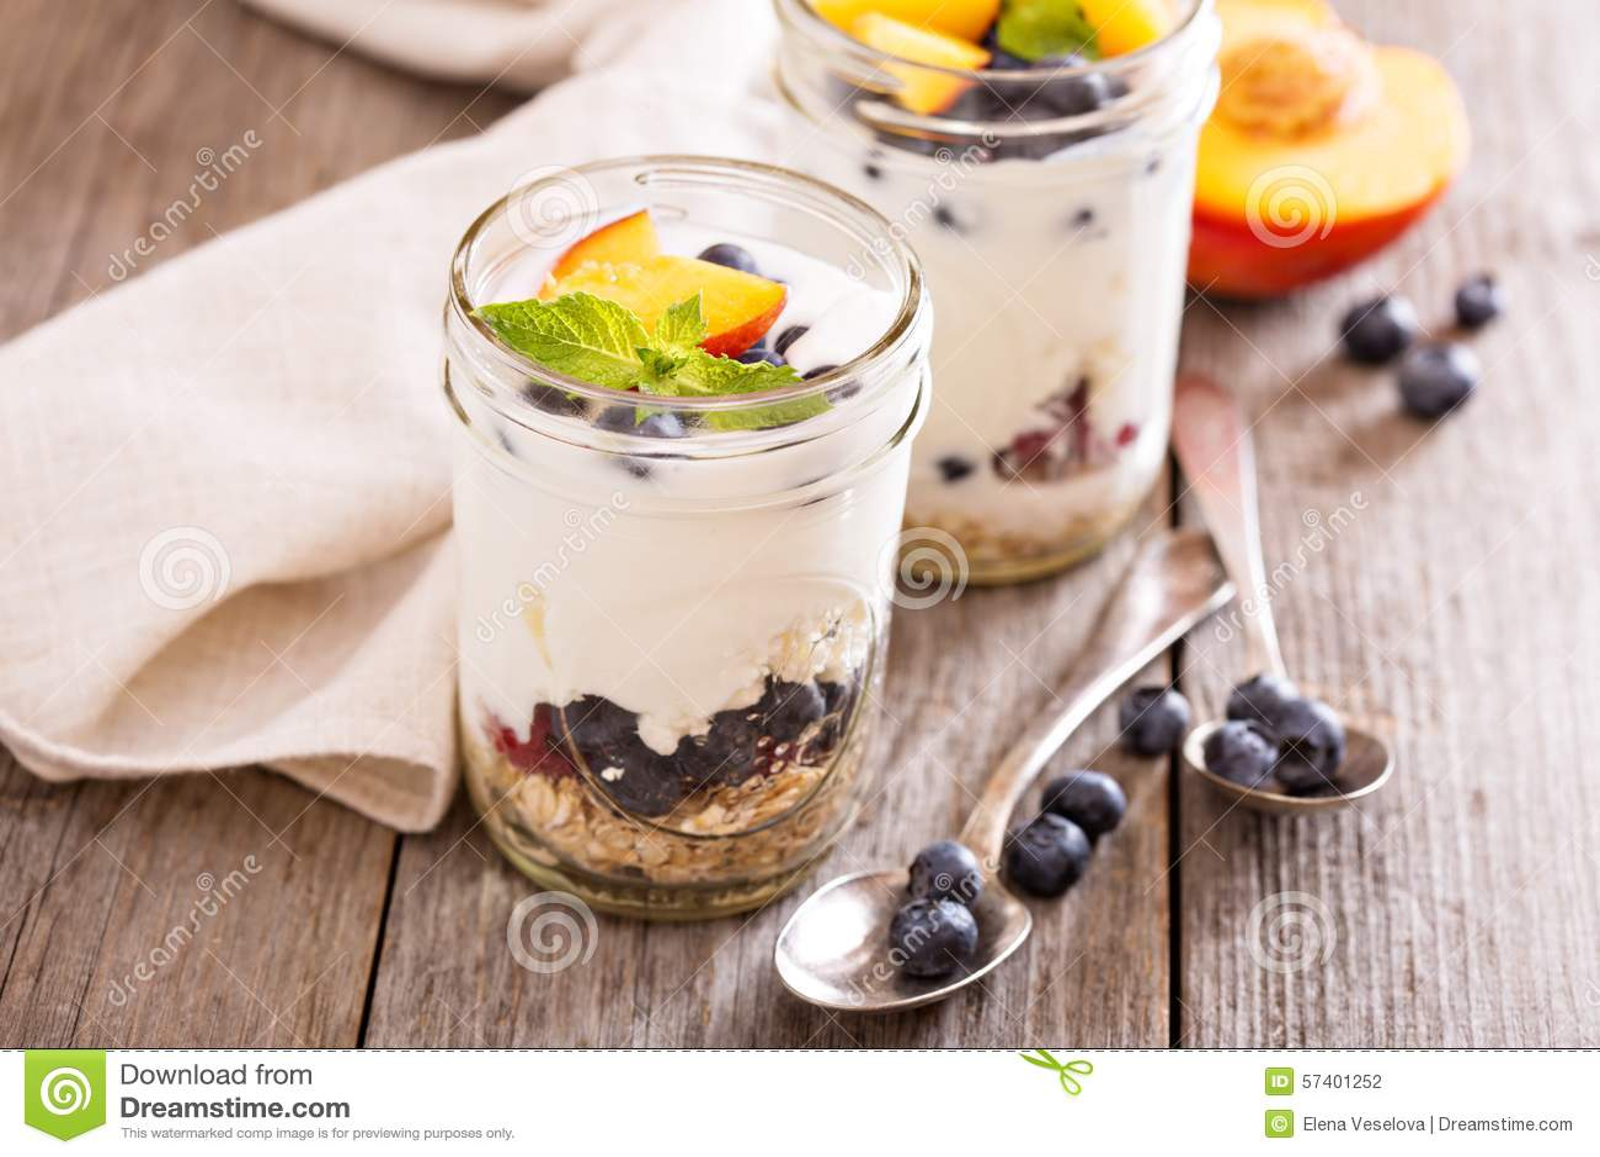 Gelaagd ontbijtparfait met granola en vruchten